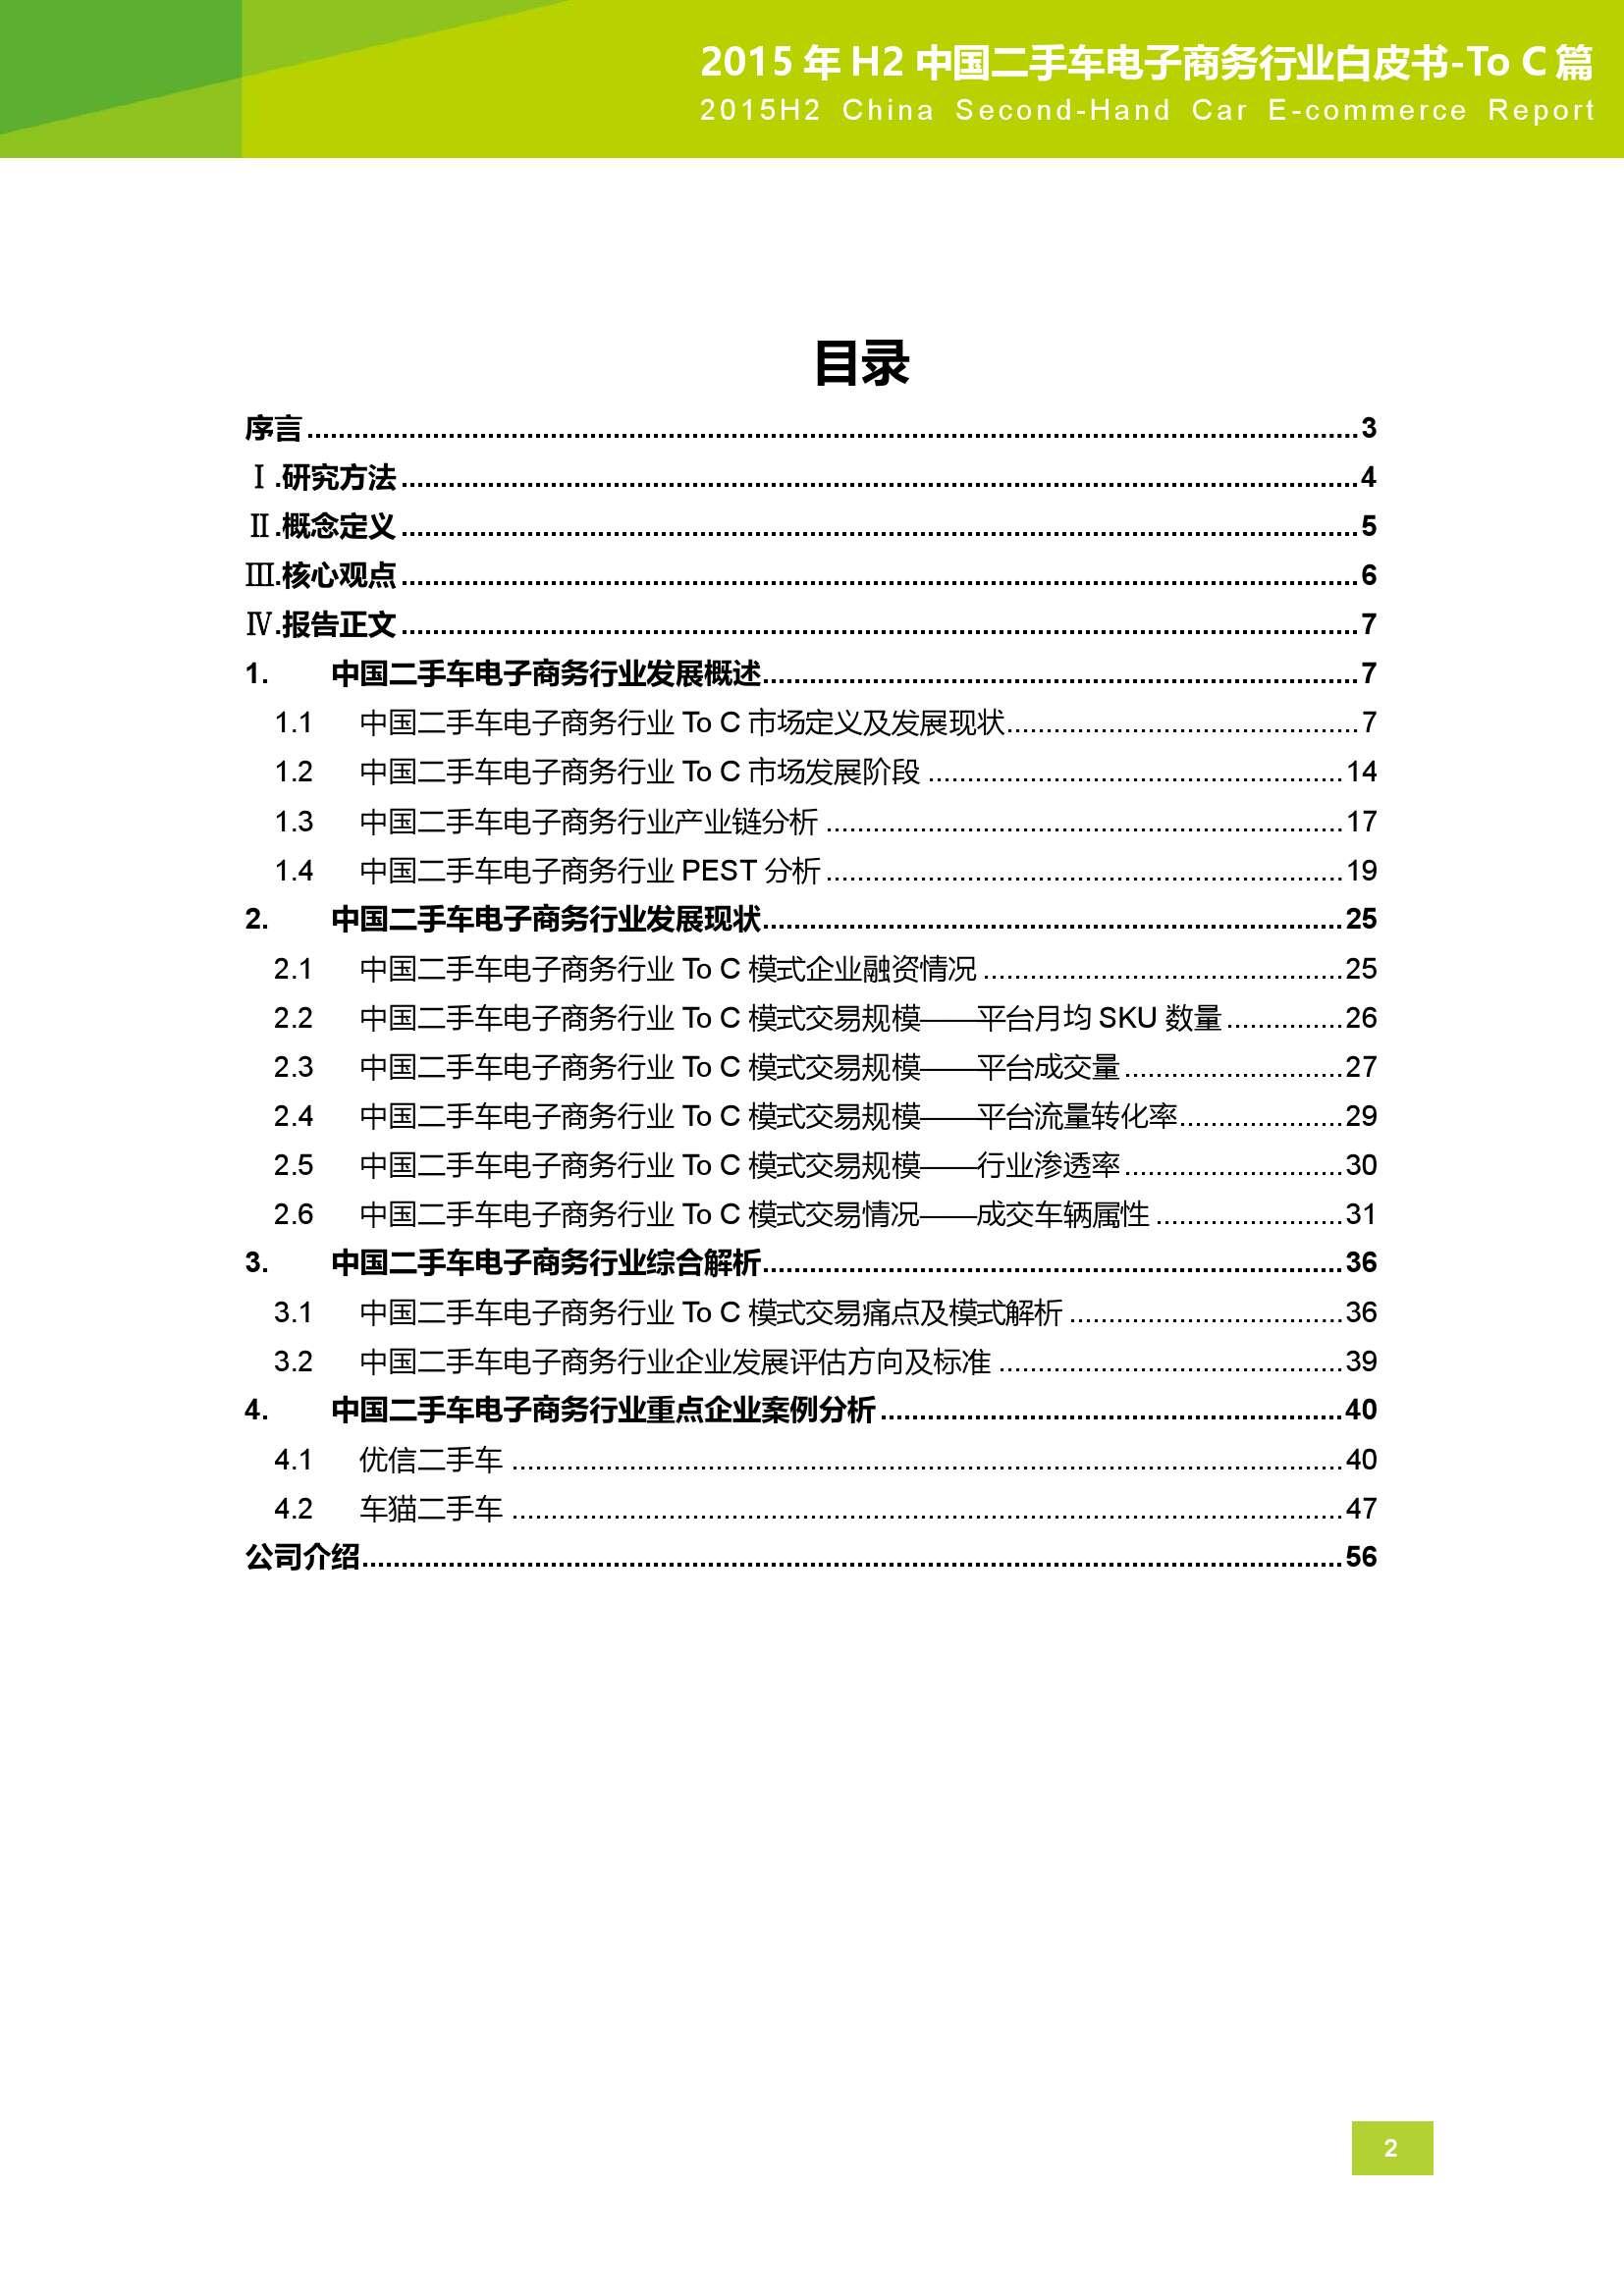 2015年H2中国二手车电子商务行业白皮书_000002